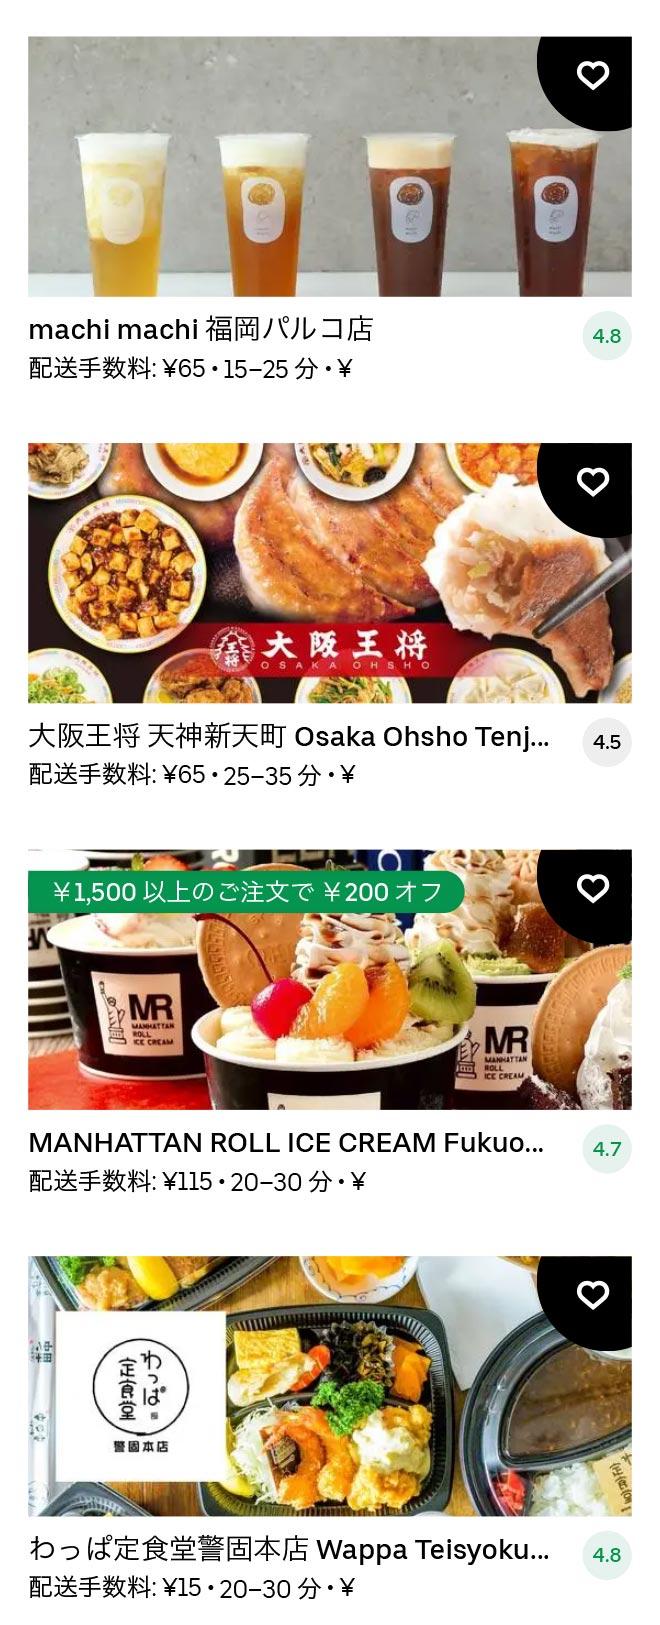 Akasaka menu 2101 12